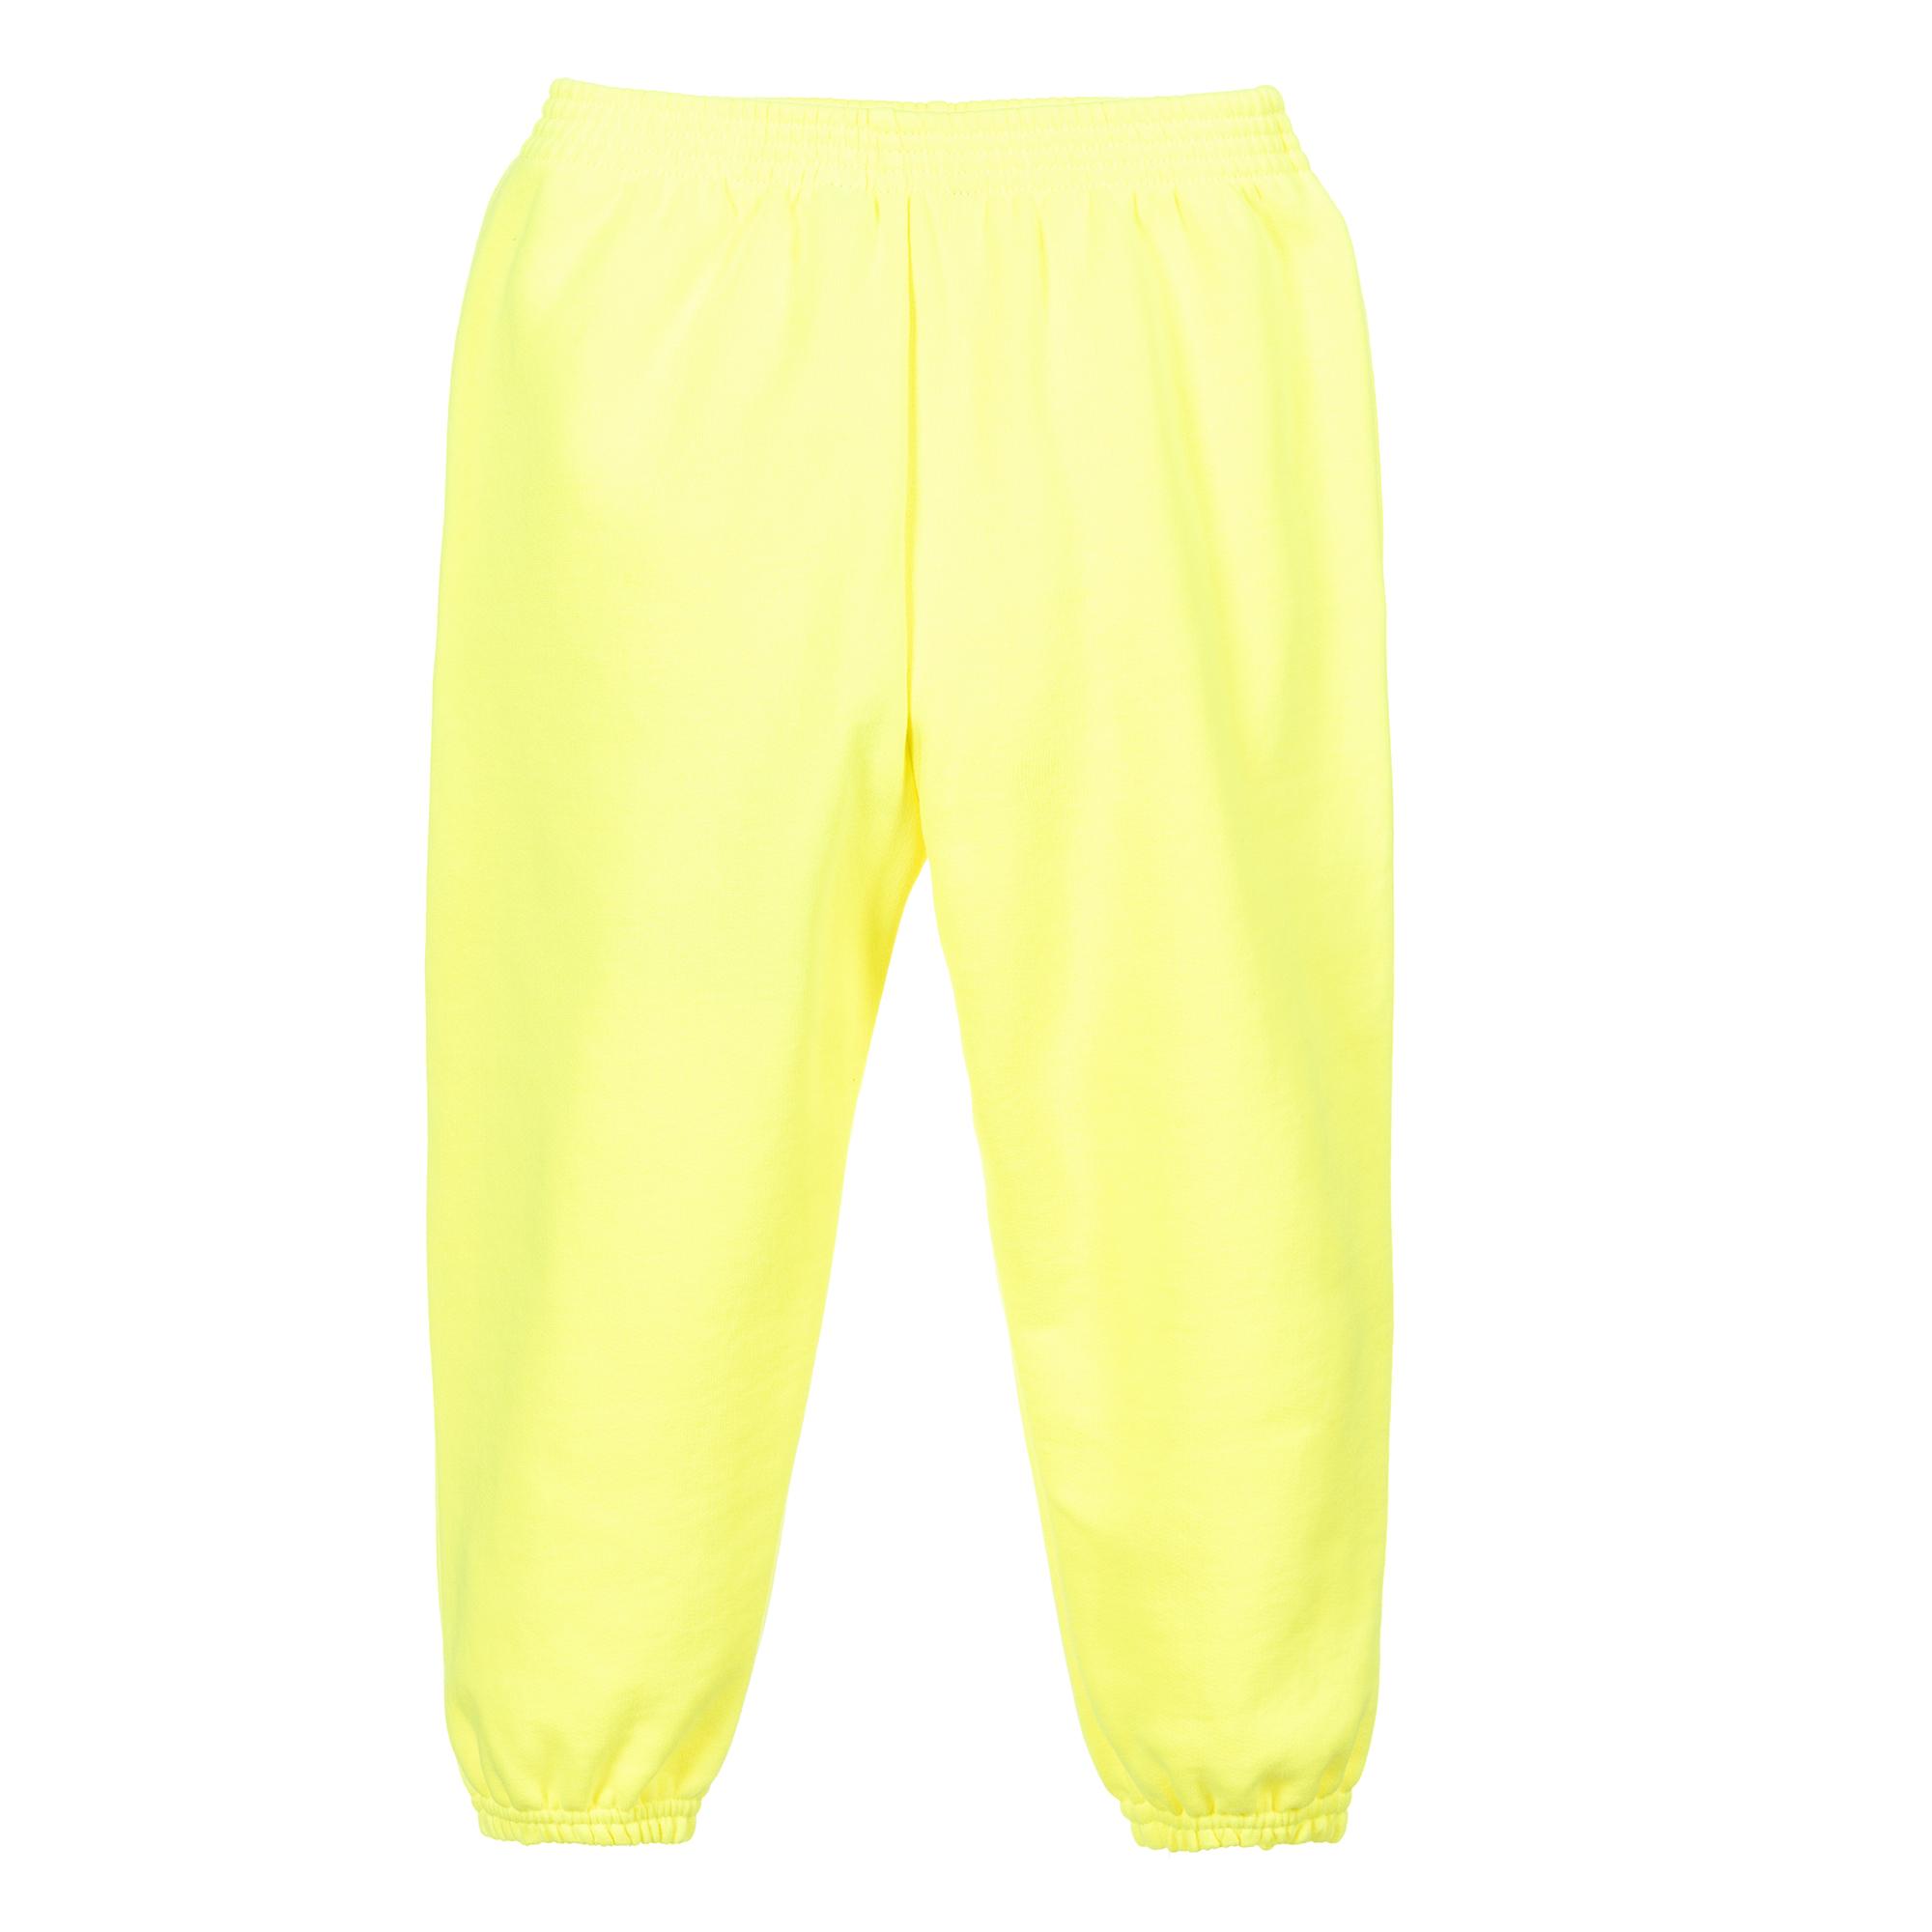 Balenciaga - Neon Yellow Logo Joggers